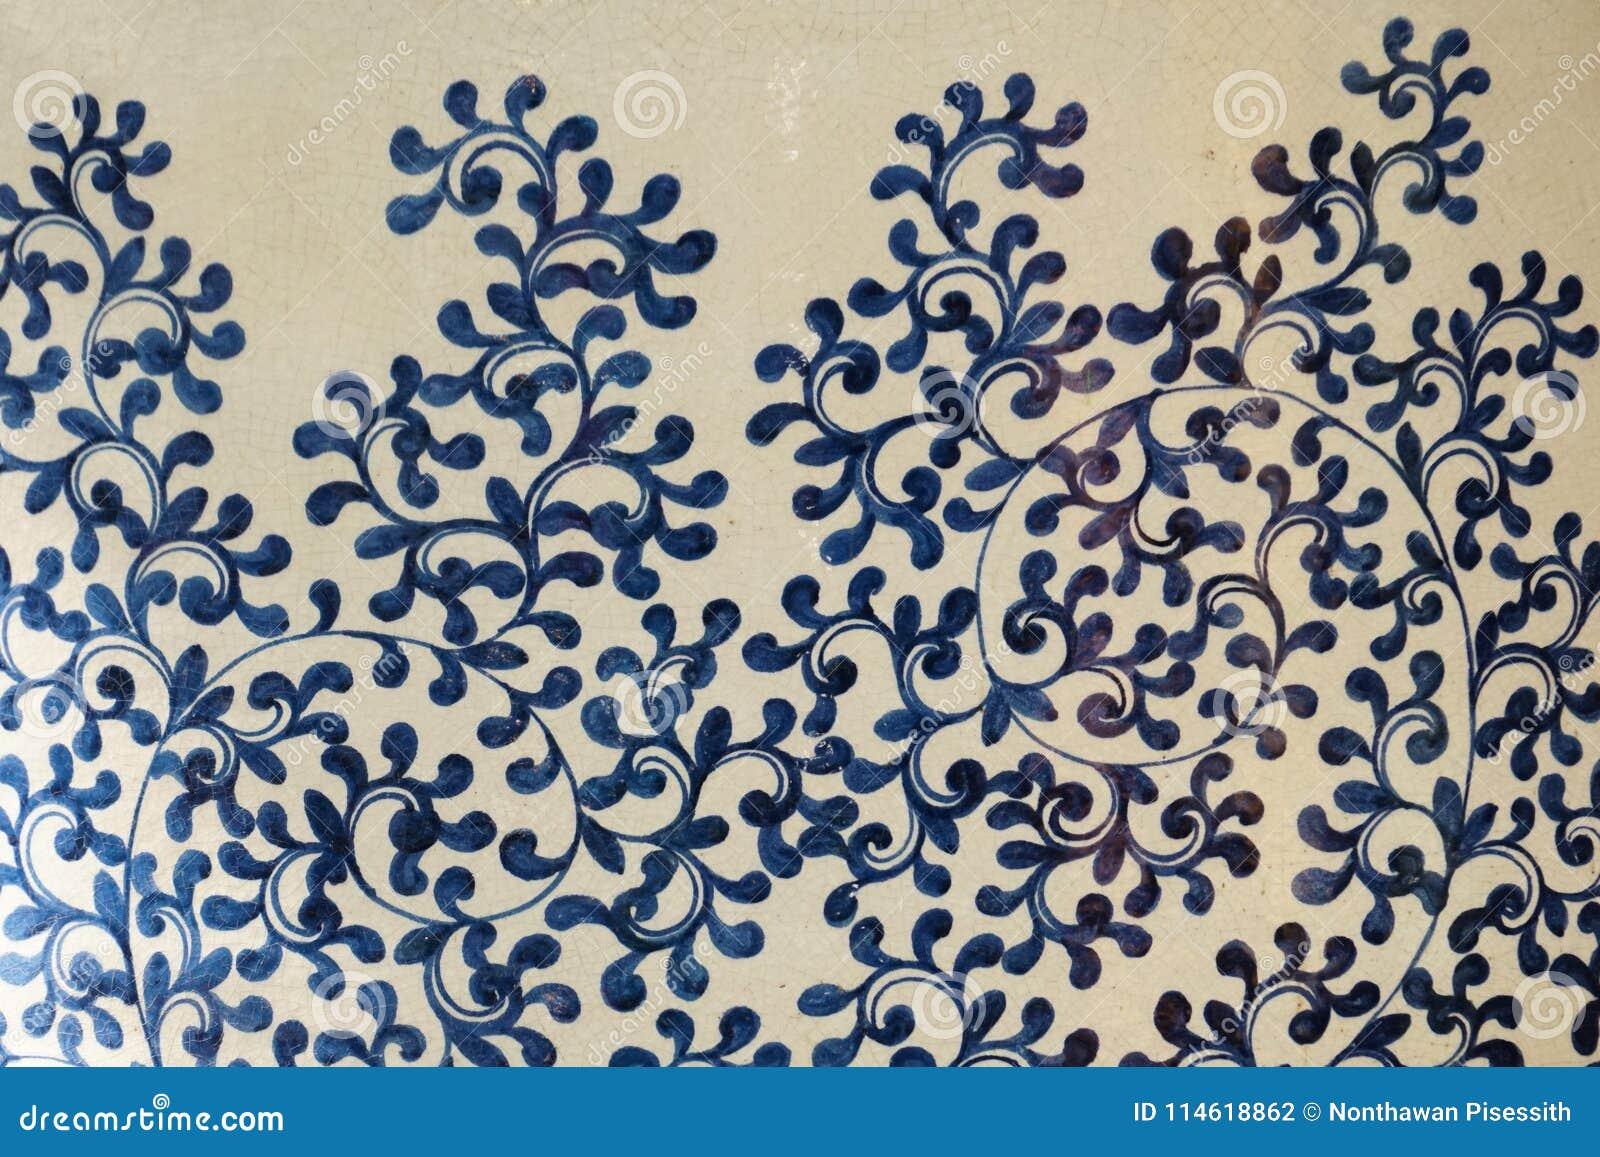 Chiński tradycyjny ceramiczny kwiatu wzór